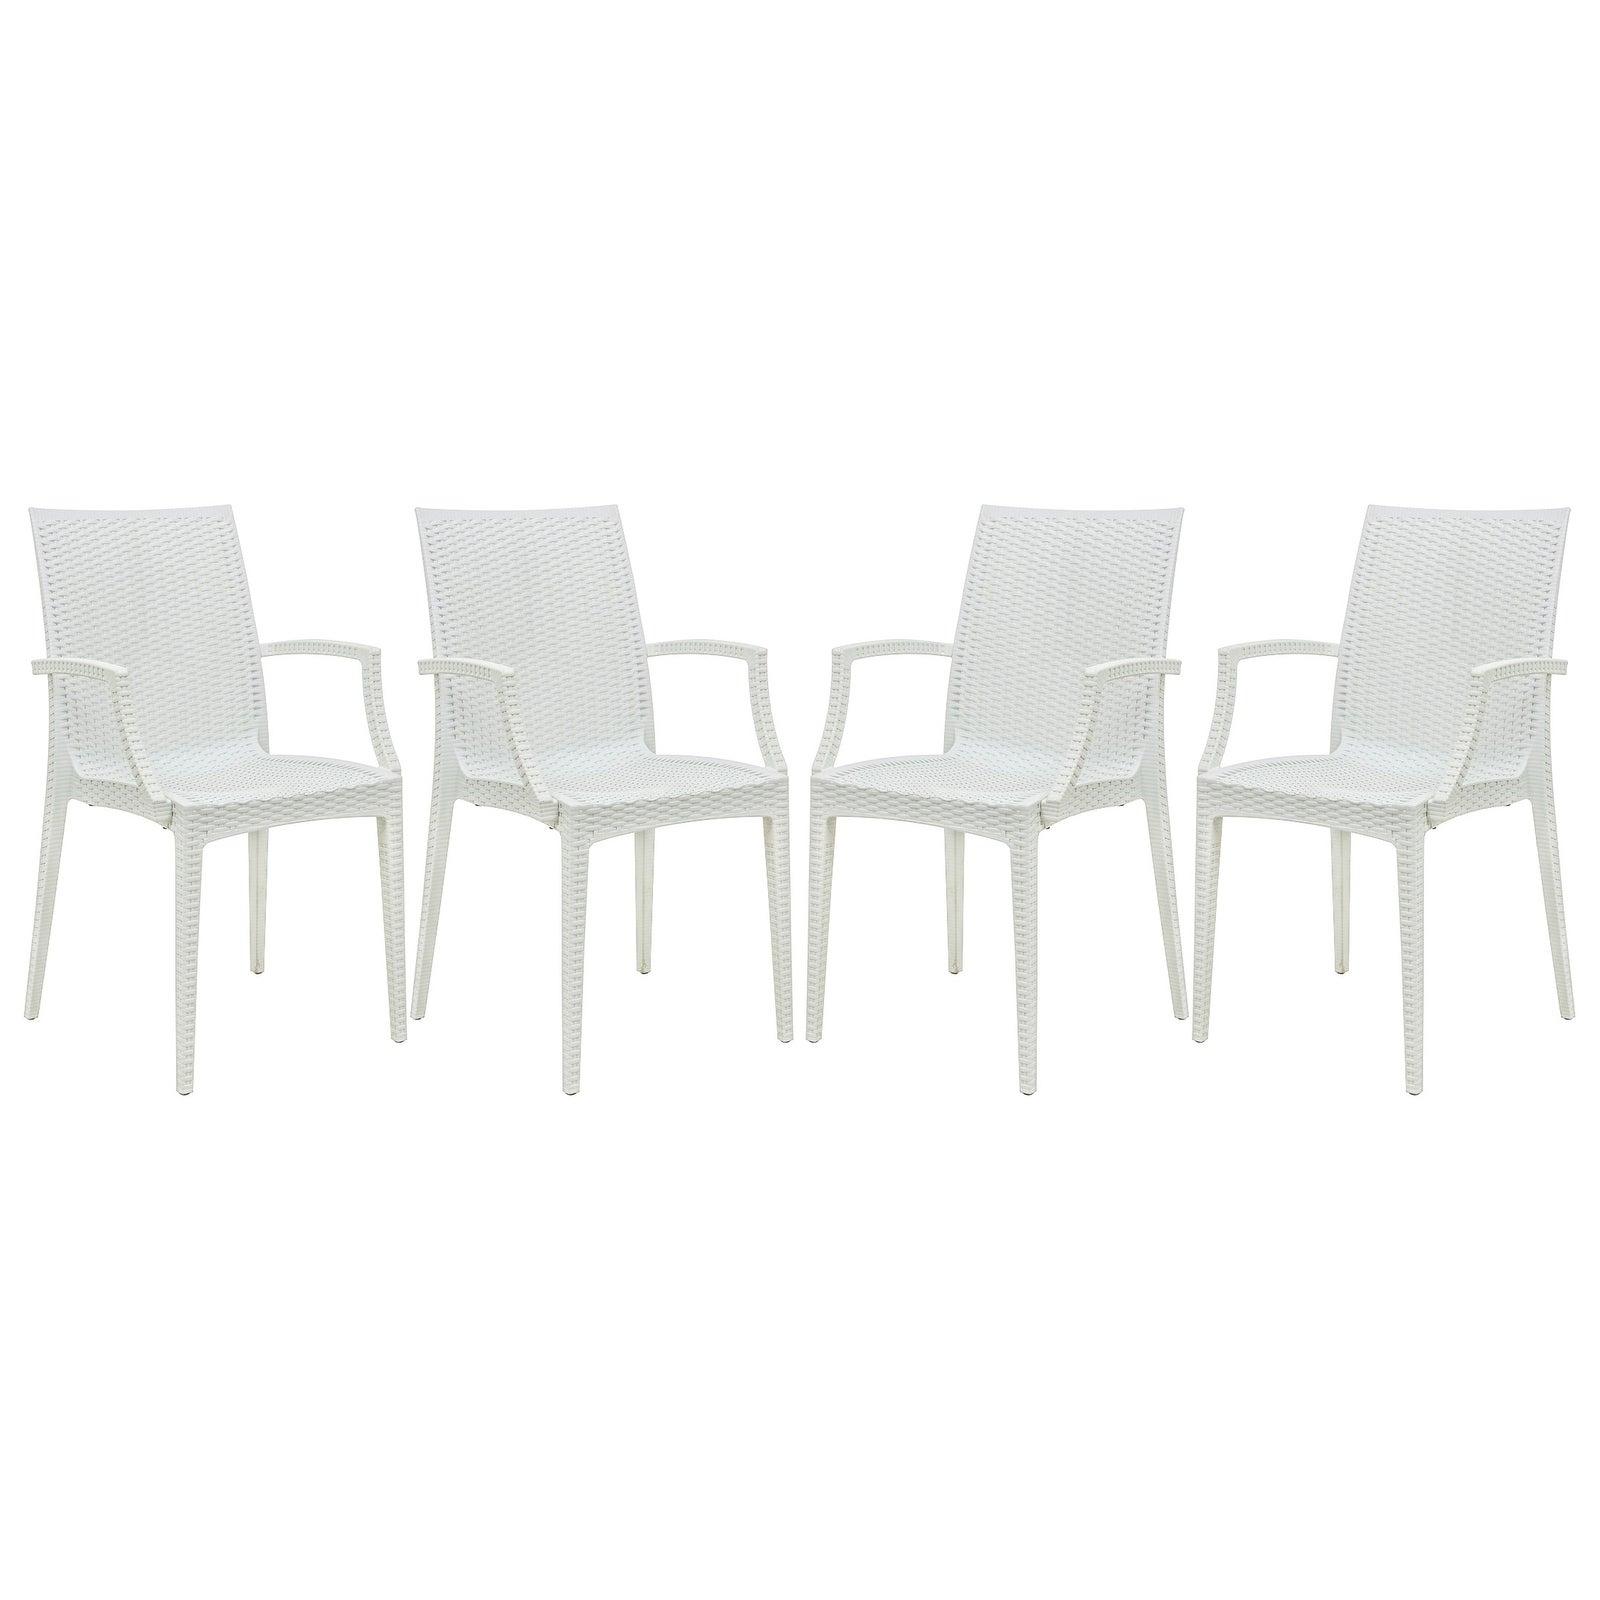 LeisureMod Mace Weave Wicker Design Indoor/ Outdoor White...